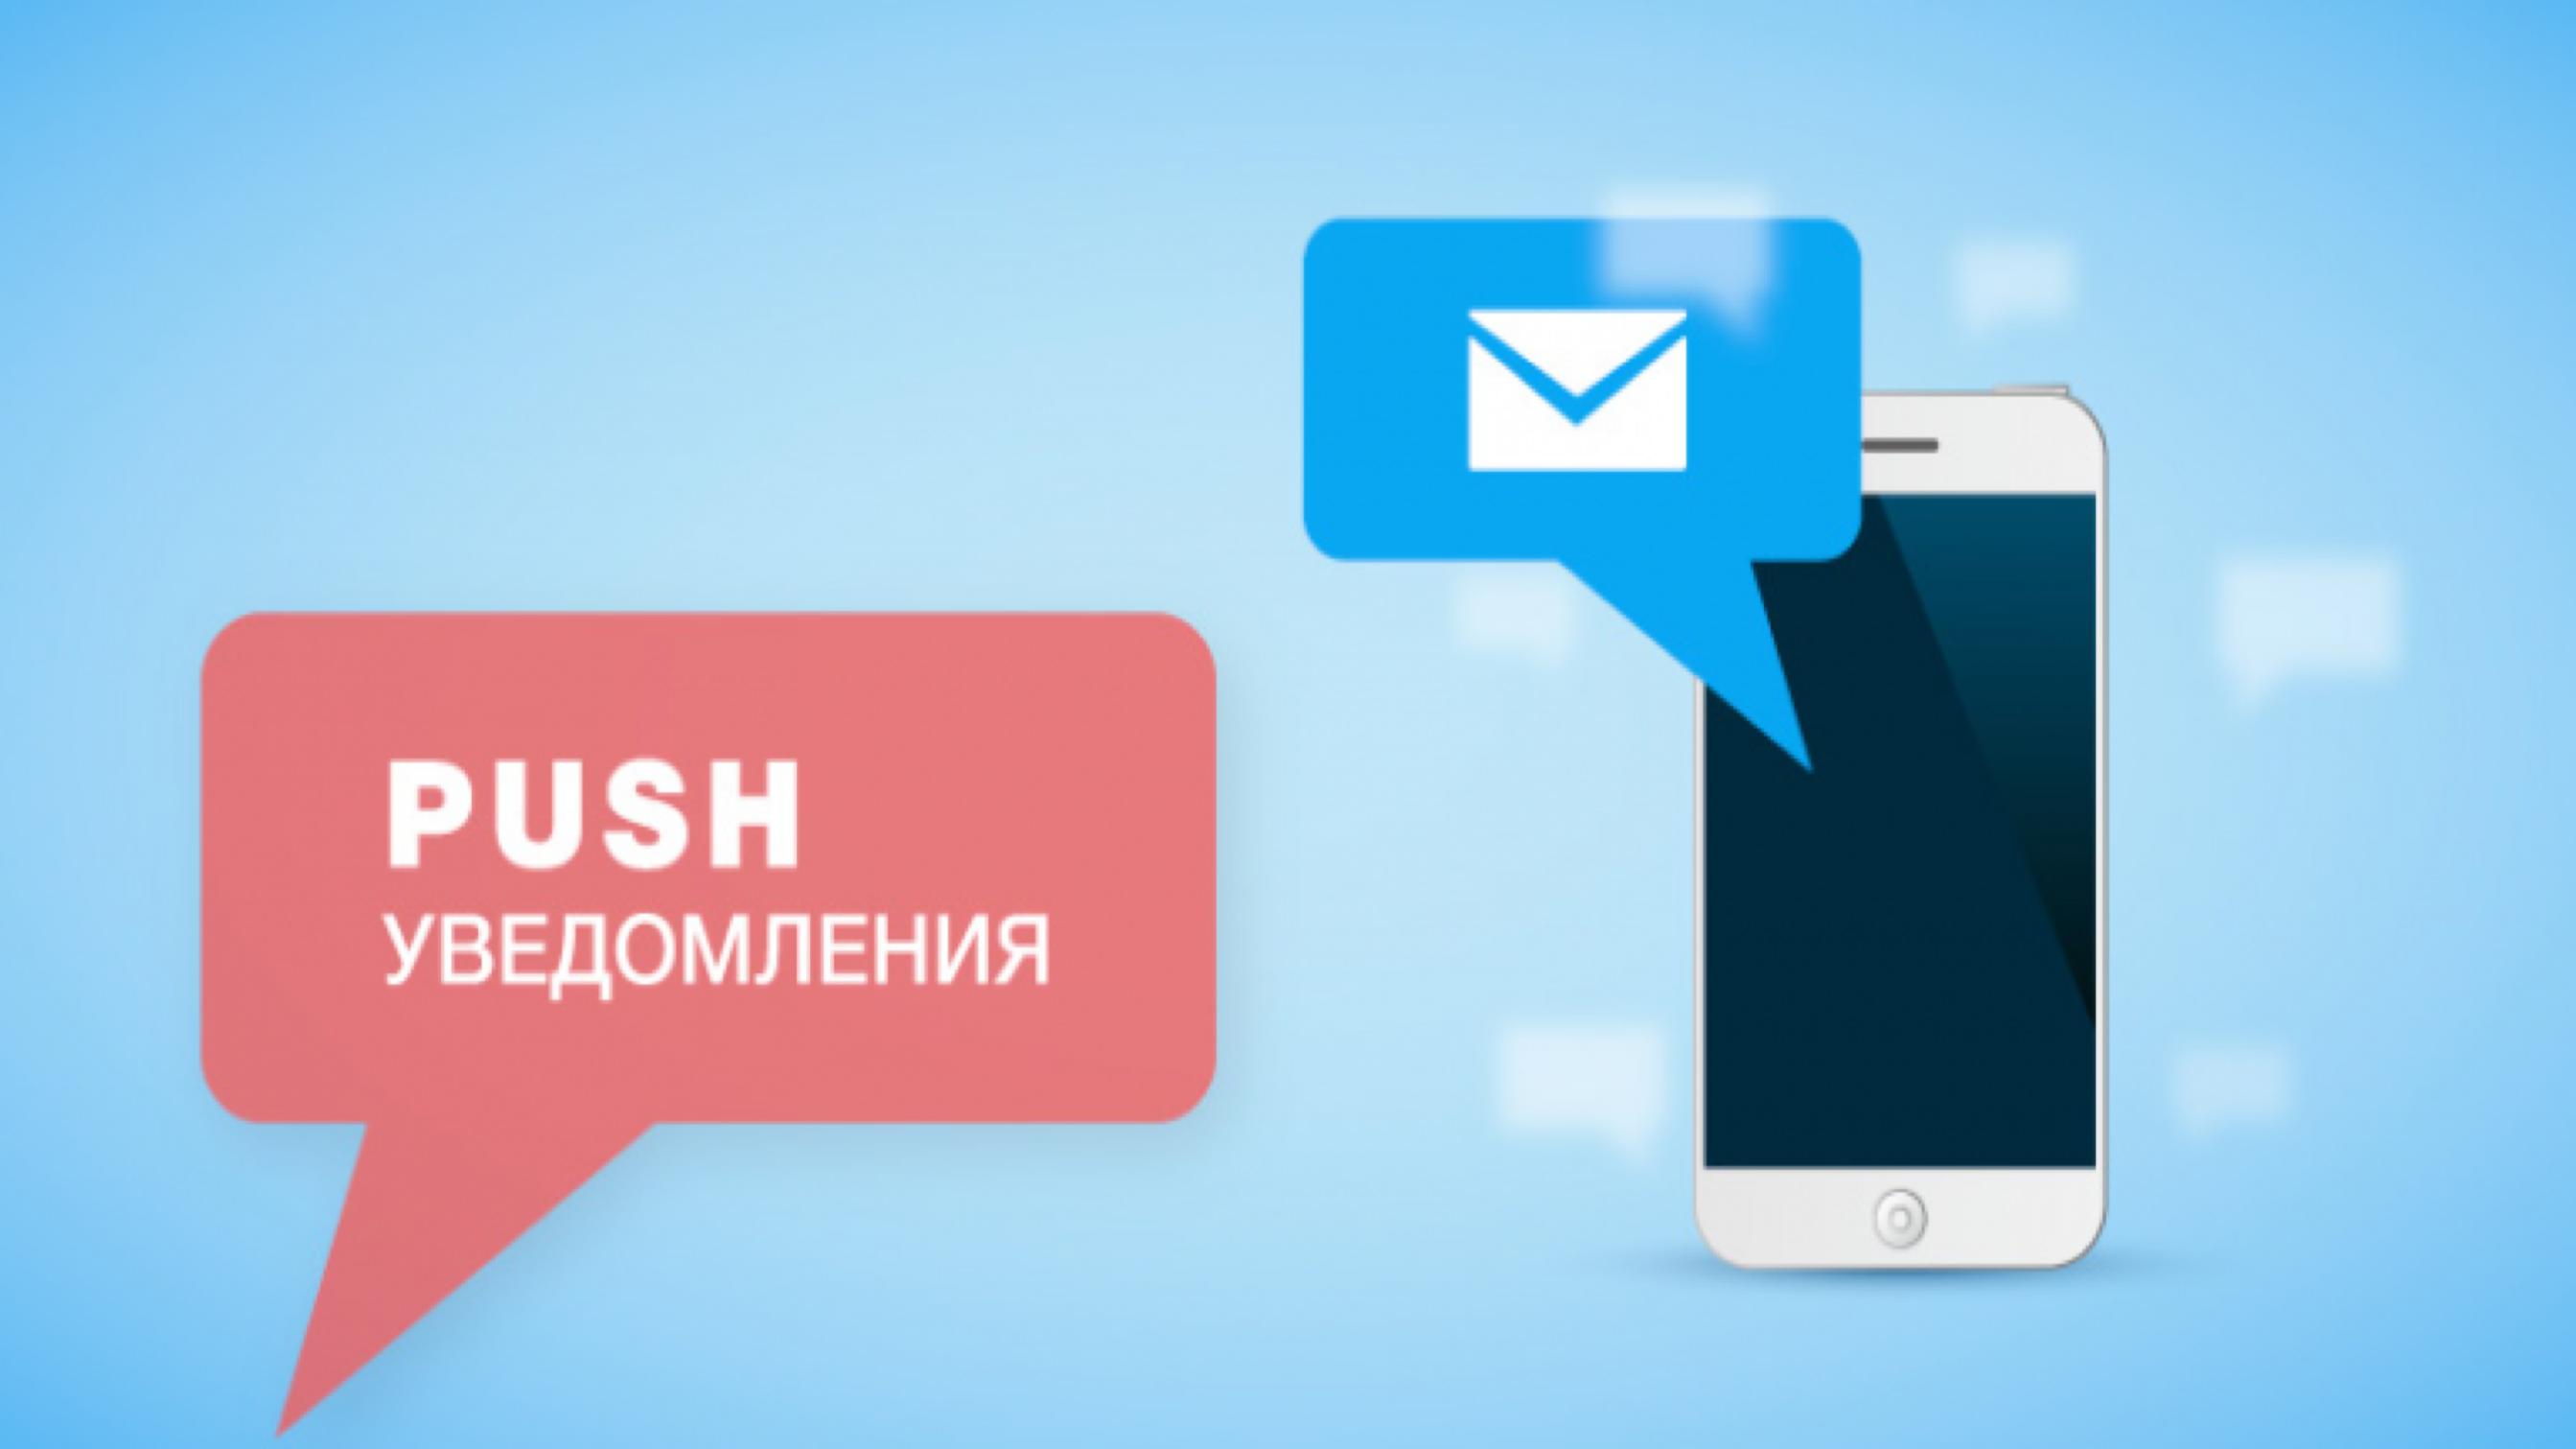 Почему стоит отказаться от смс и перейти на push?